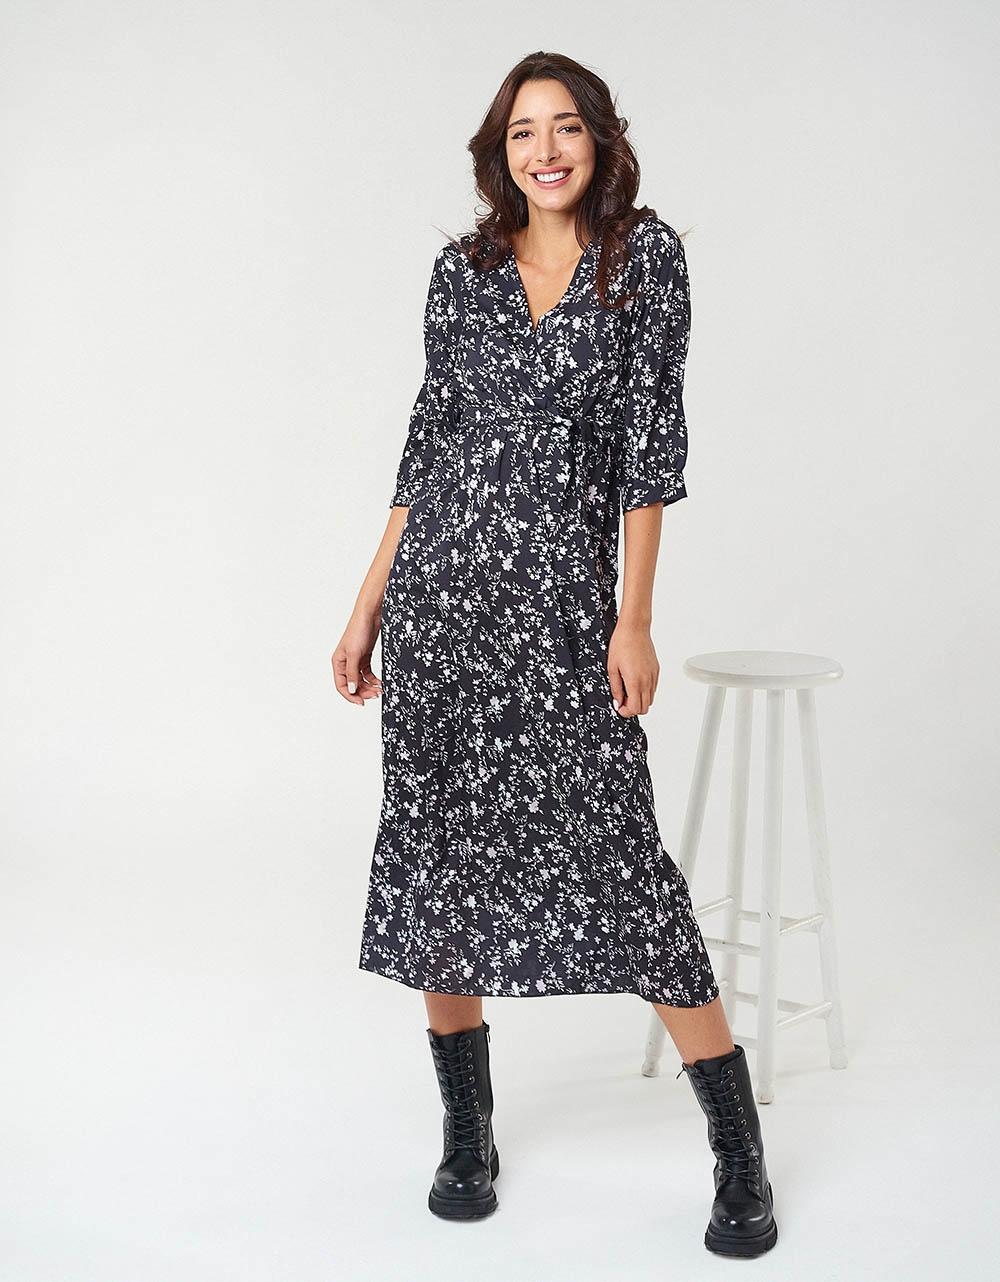 Εικόνα από Γυναικείο φόρεμα μακρύ άνετο με διακοσμητικά λουλουδάκια Μαύρο